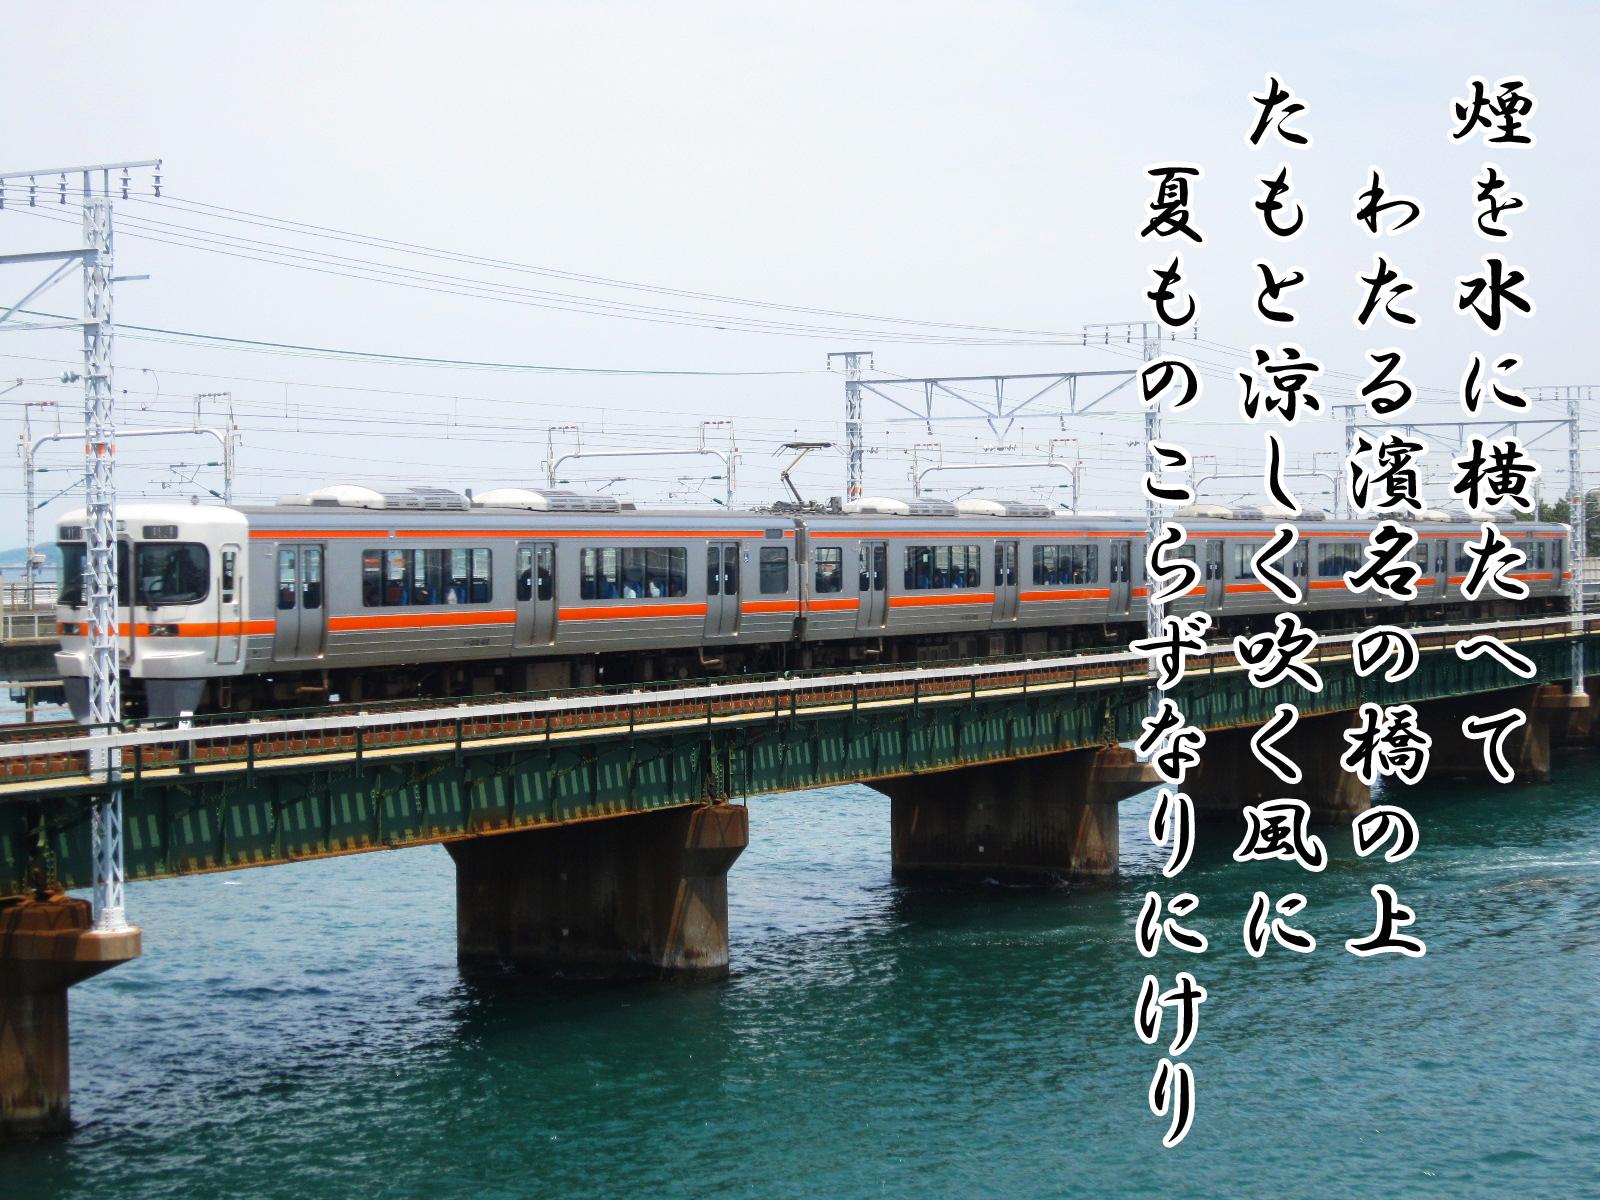 20150818-1.jpg